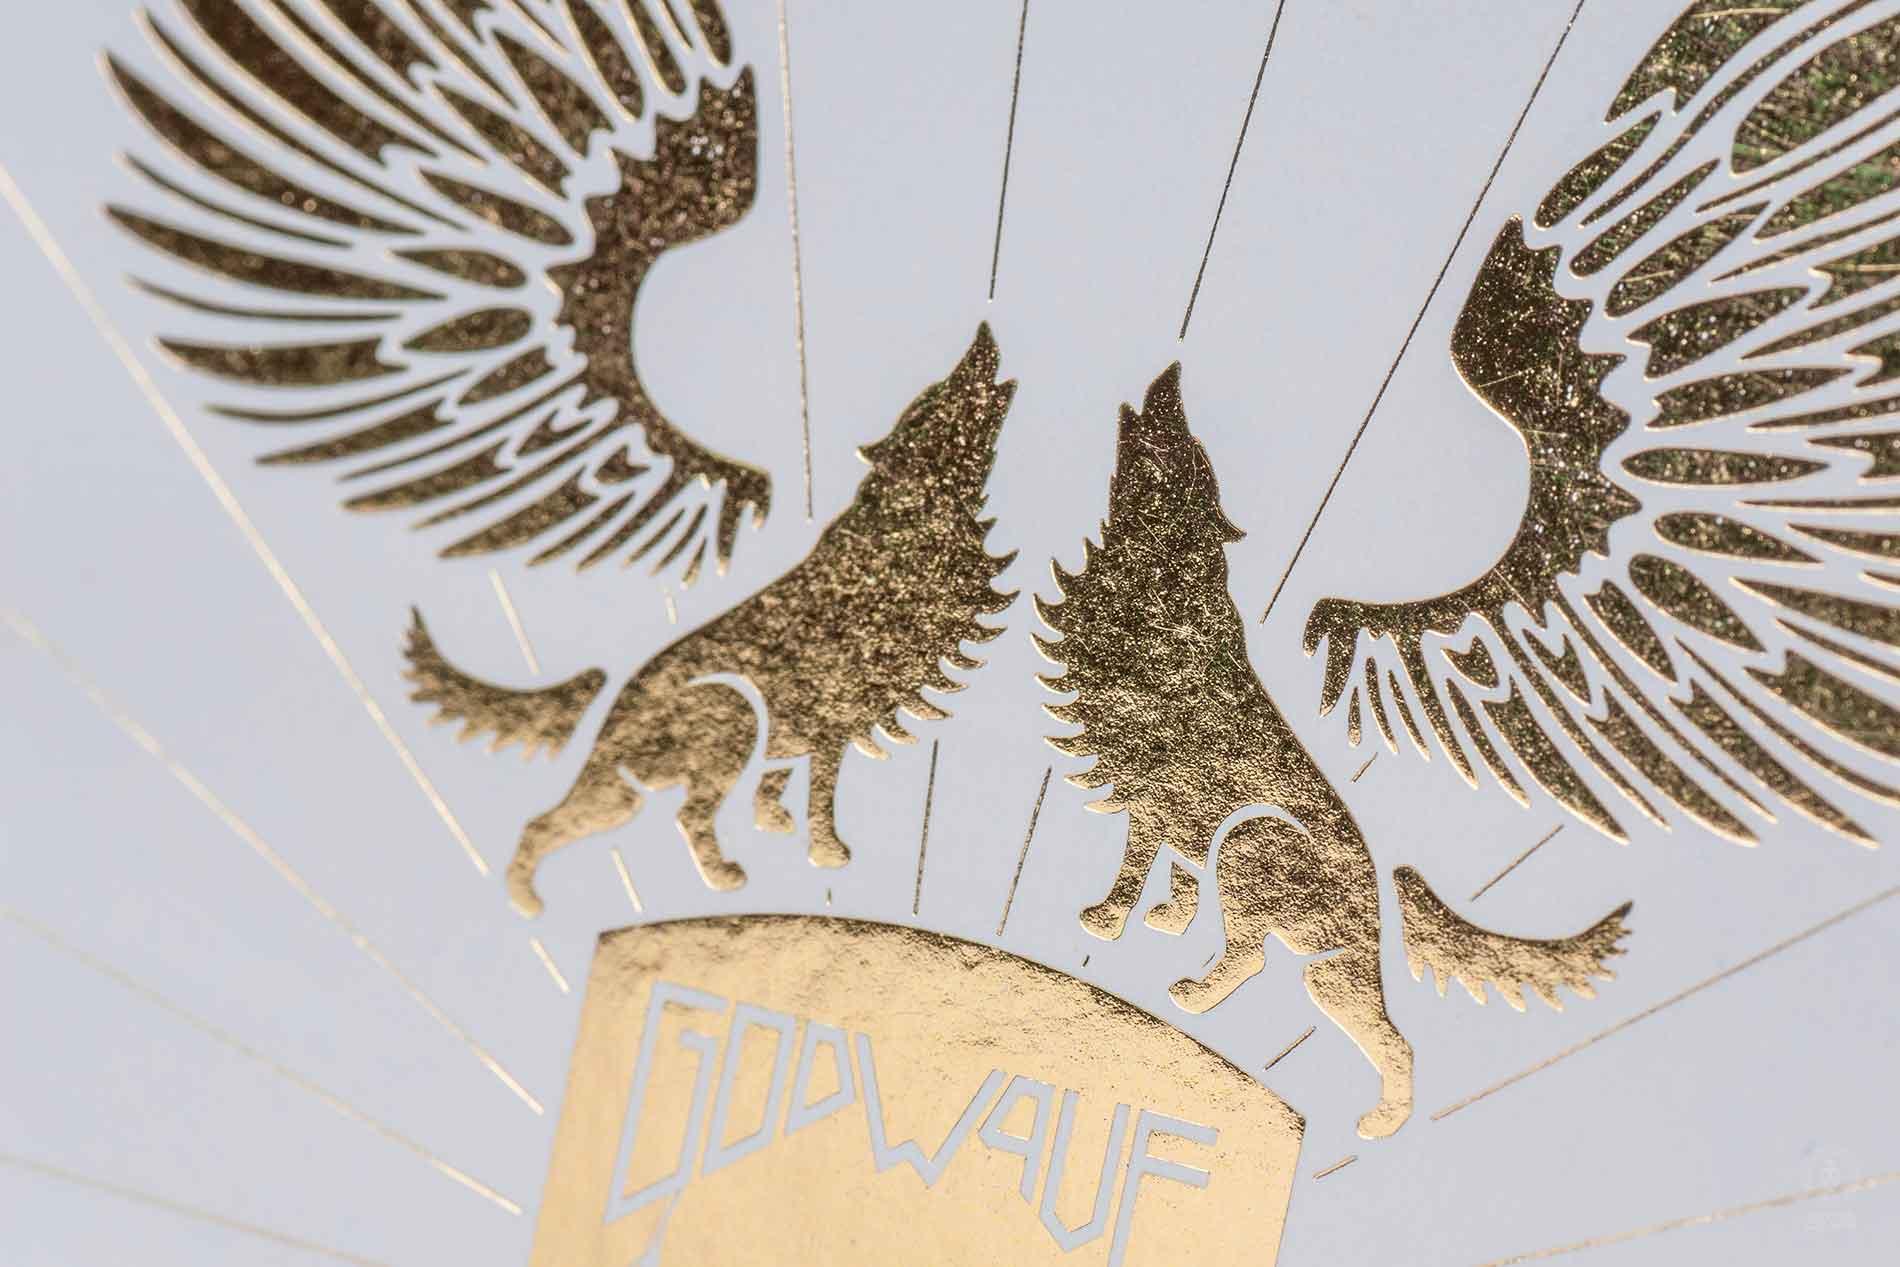 Janina-Lermer-Verpackungsgestaltung-Packagingdesign-Logo-Artwork-Goldfoil-Stamping-2-Band-Godwave